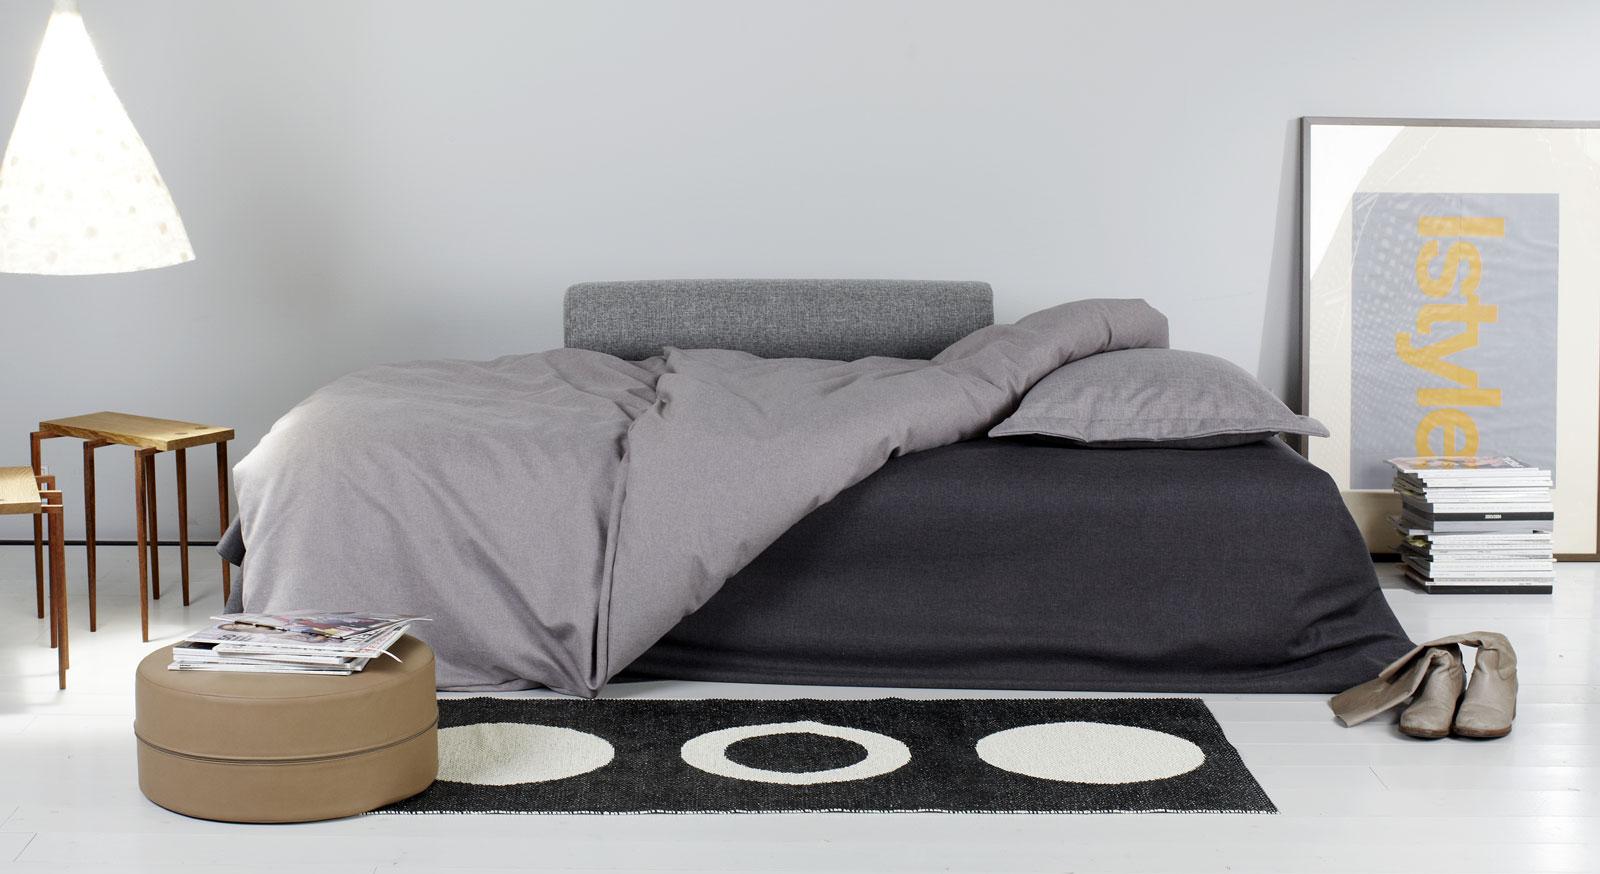 Schlafsofa Steward als Bett nutzbar